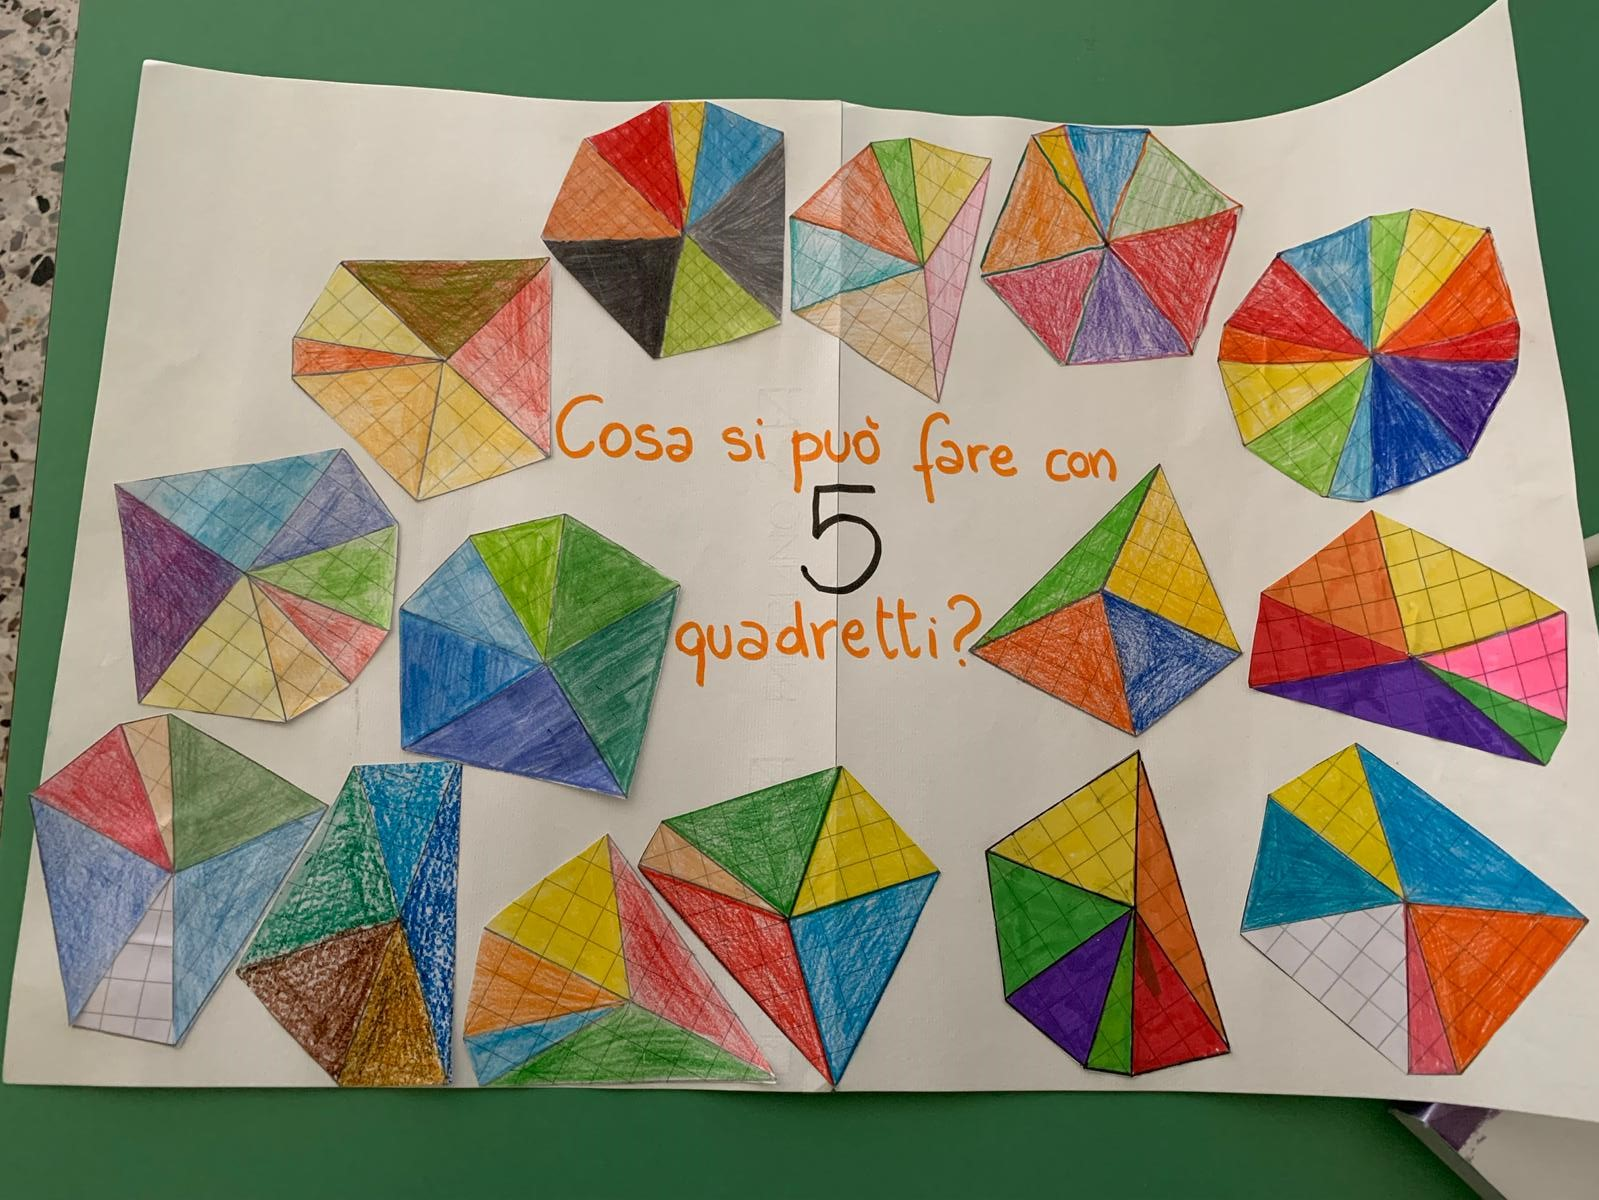 Decorazioni ottenute accostando triangoli isosceli con i lati uguali di 5 quadretti, disegnati su carta quadrettata